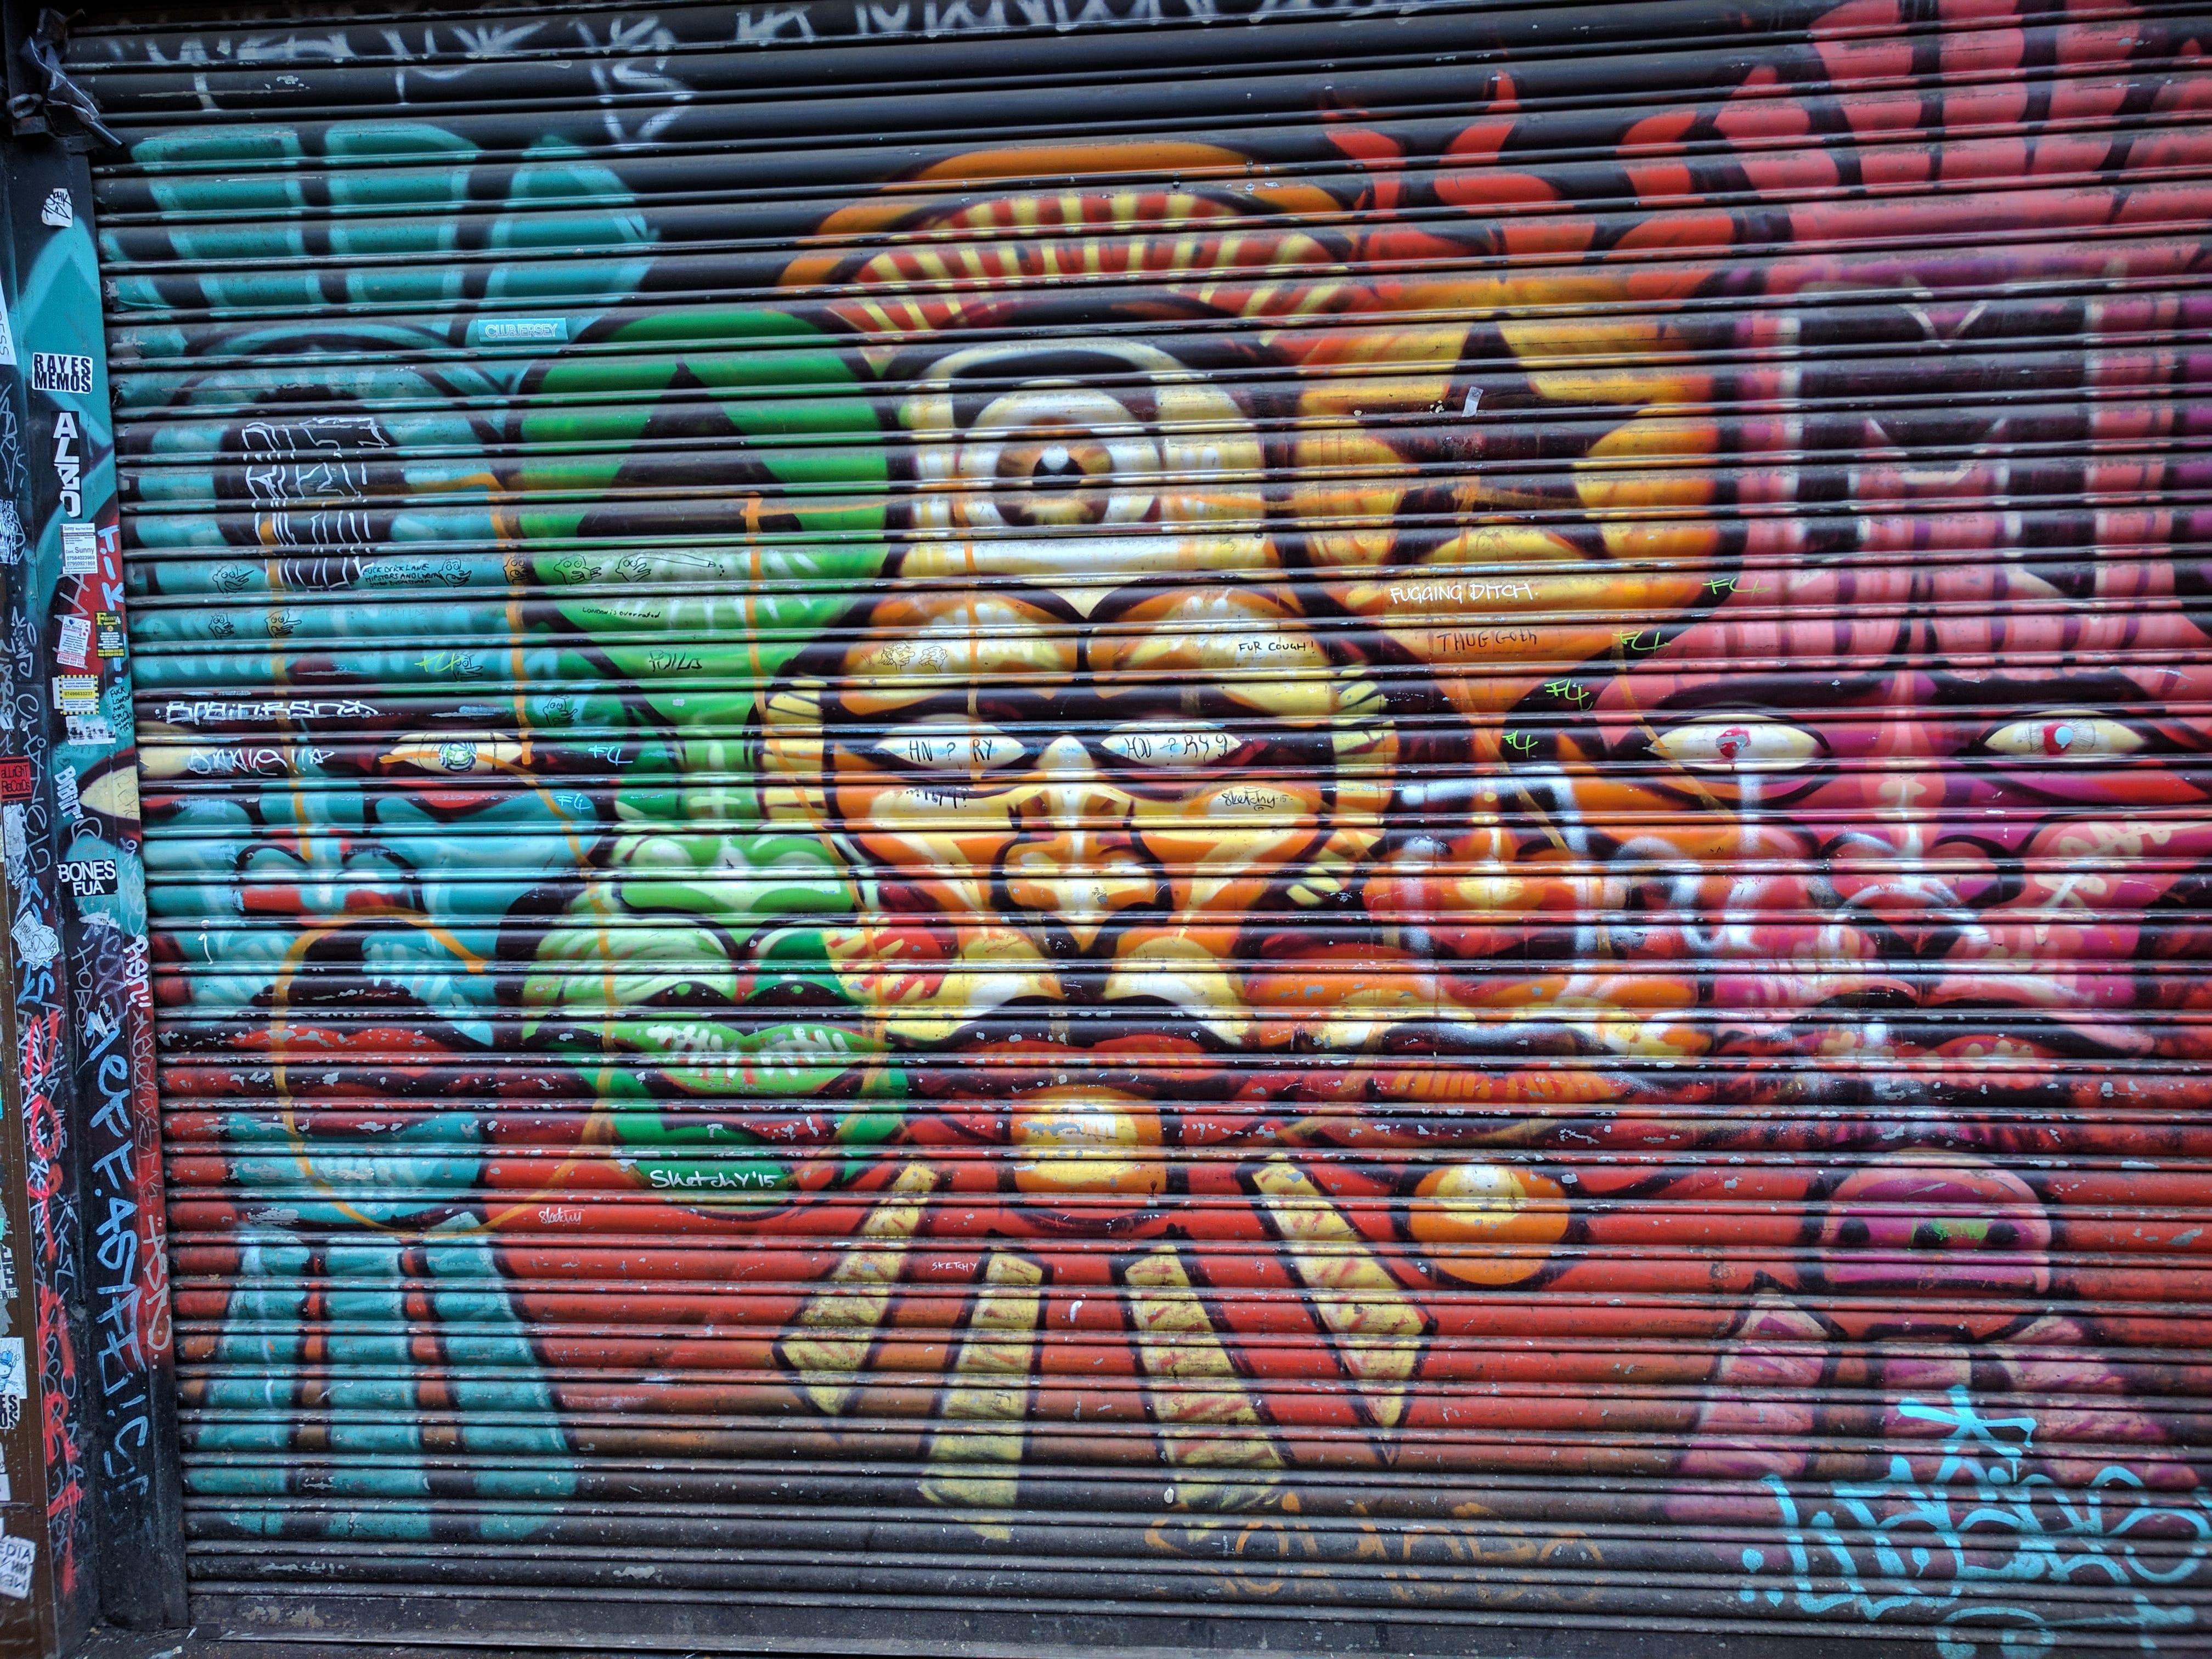 099-graffiti7